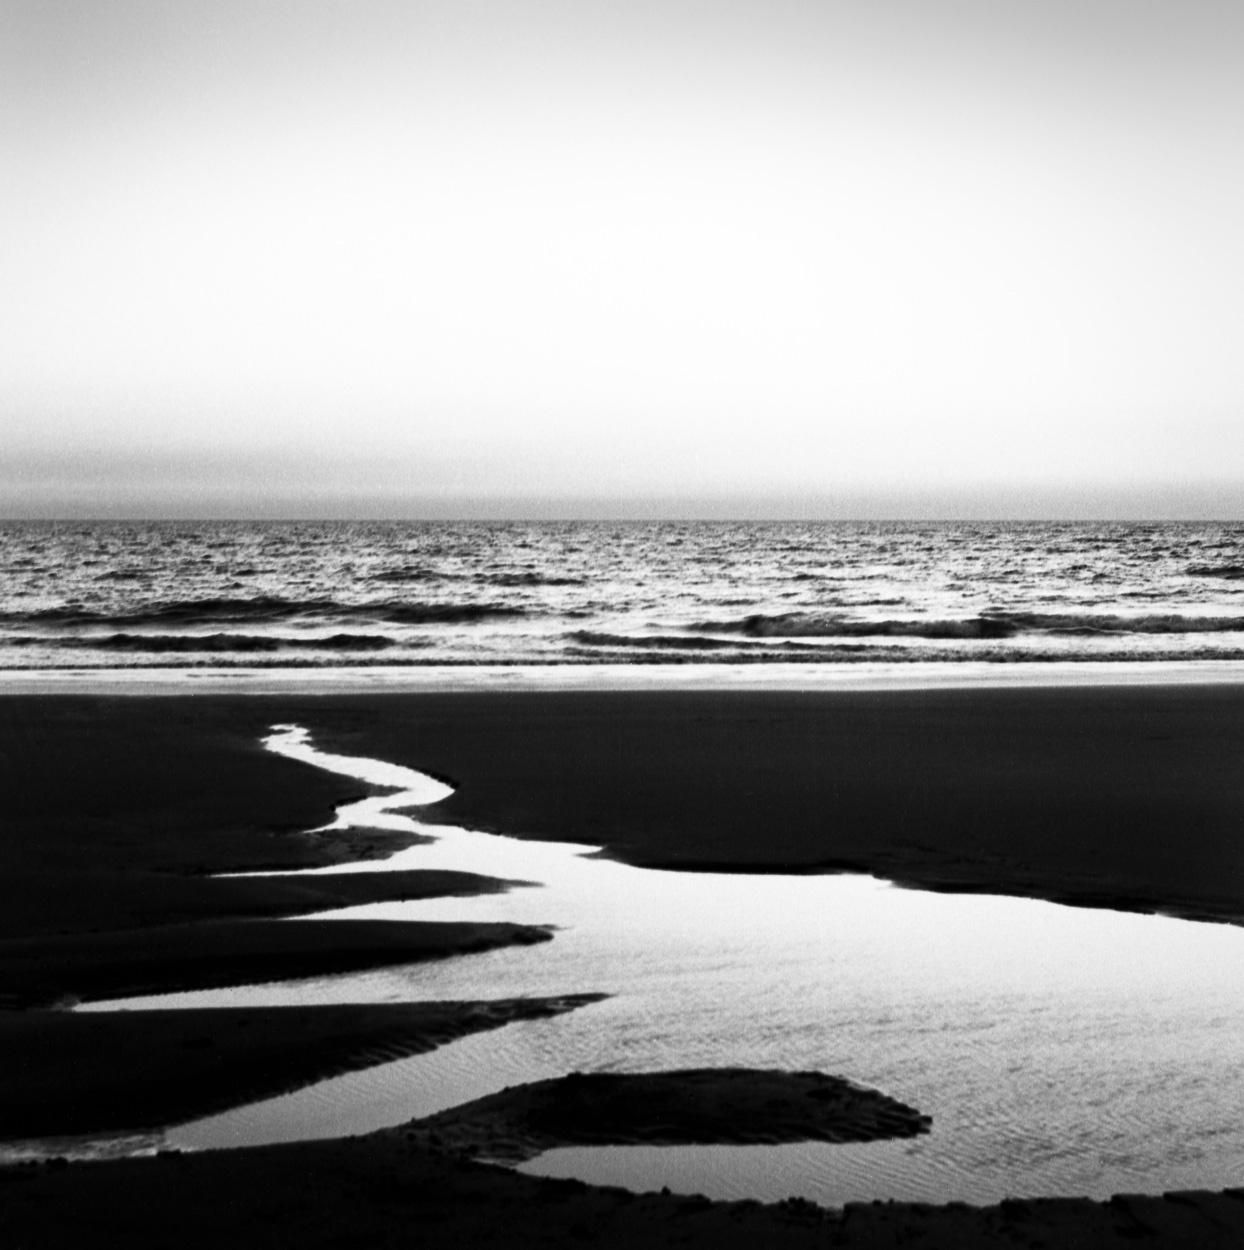 Into the Sea, Gokarna